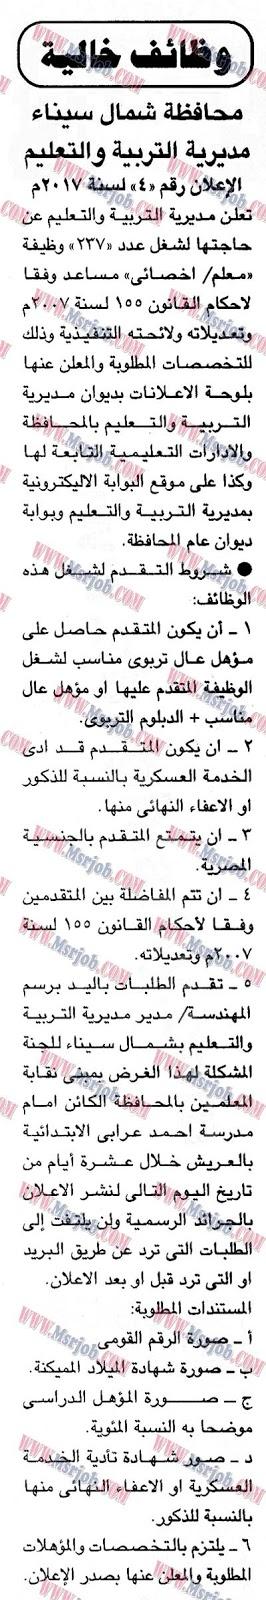 الاعلان الرسمي لوظائف وزارة التربية والتعليم - منشور اليوم بالجمهورية 27 / 10 / 2017